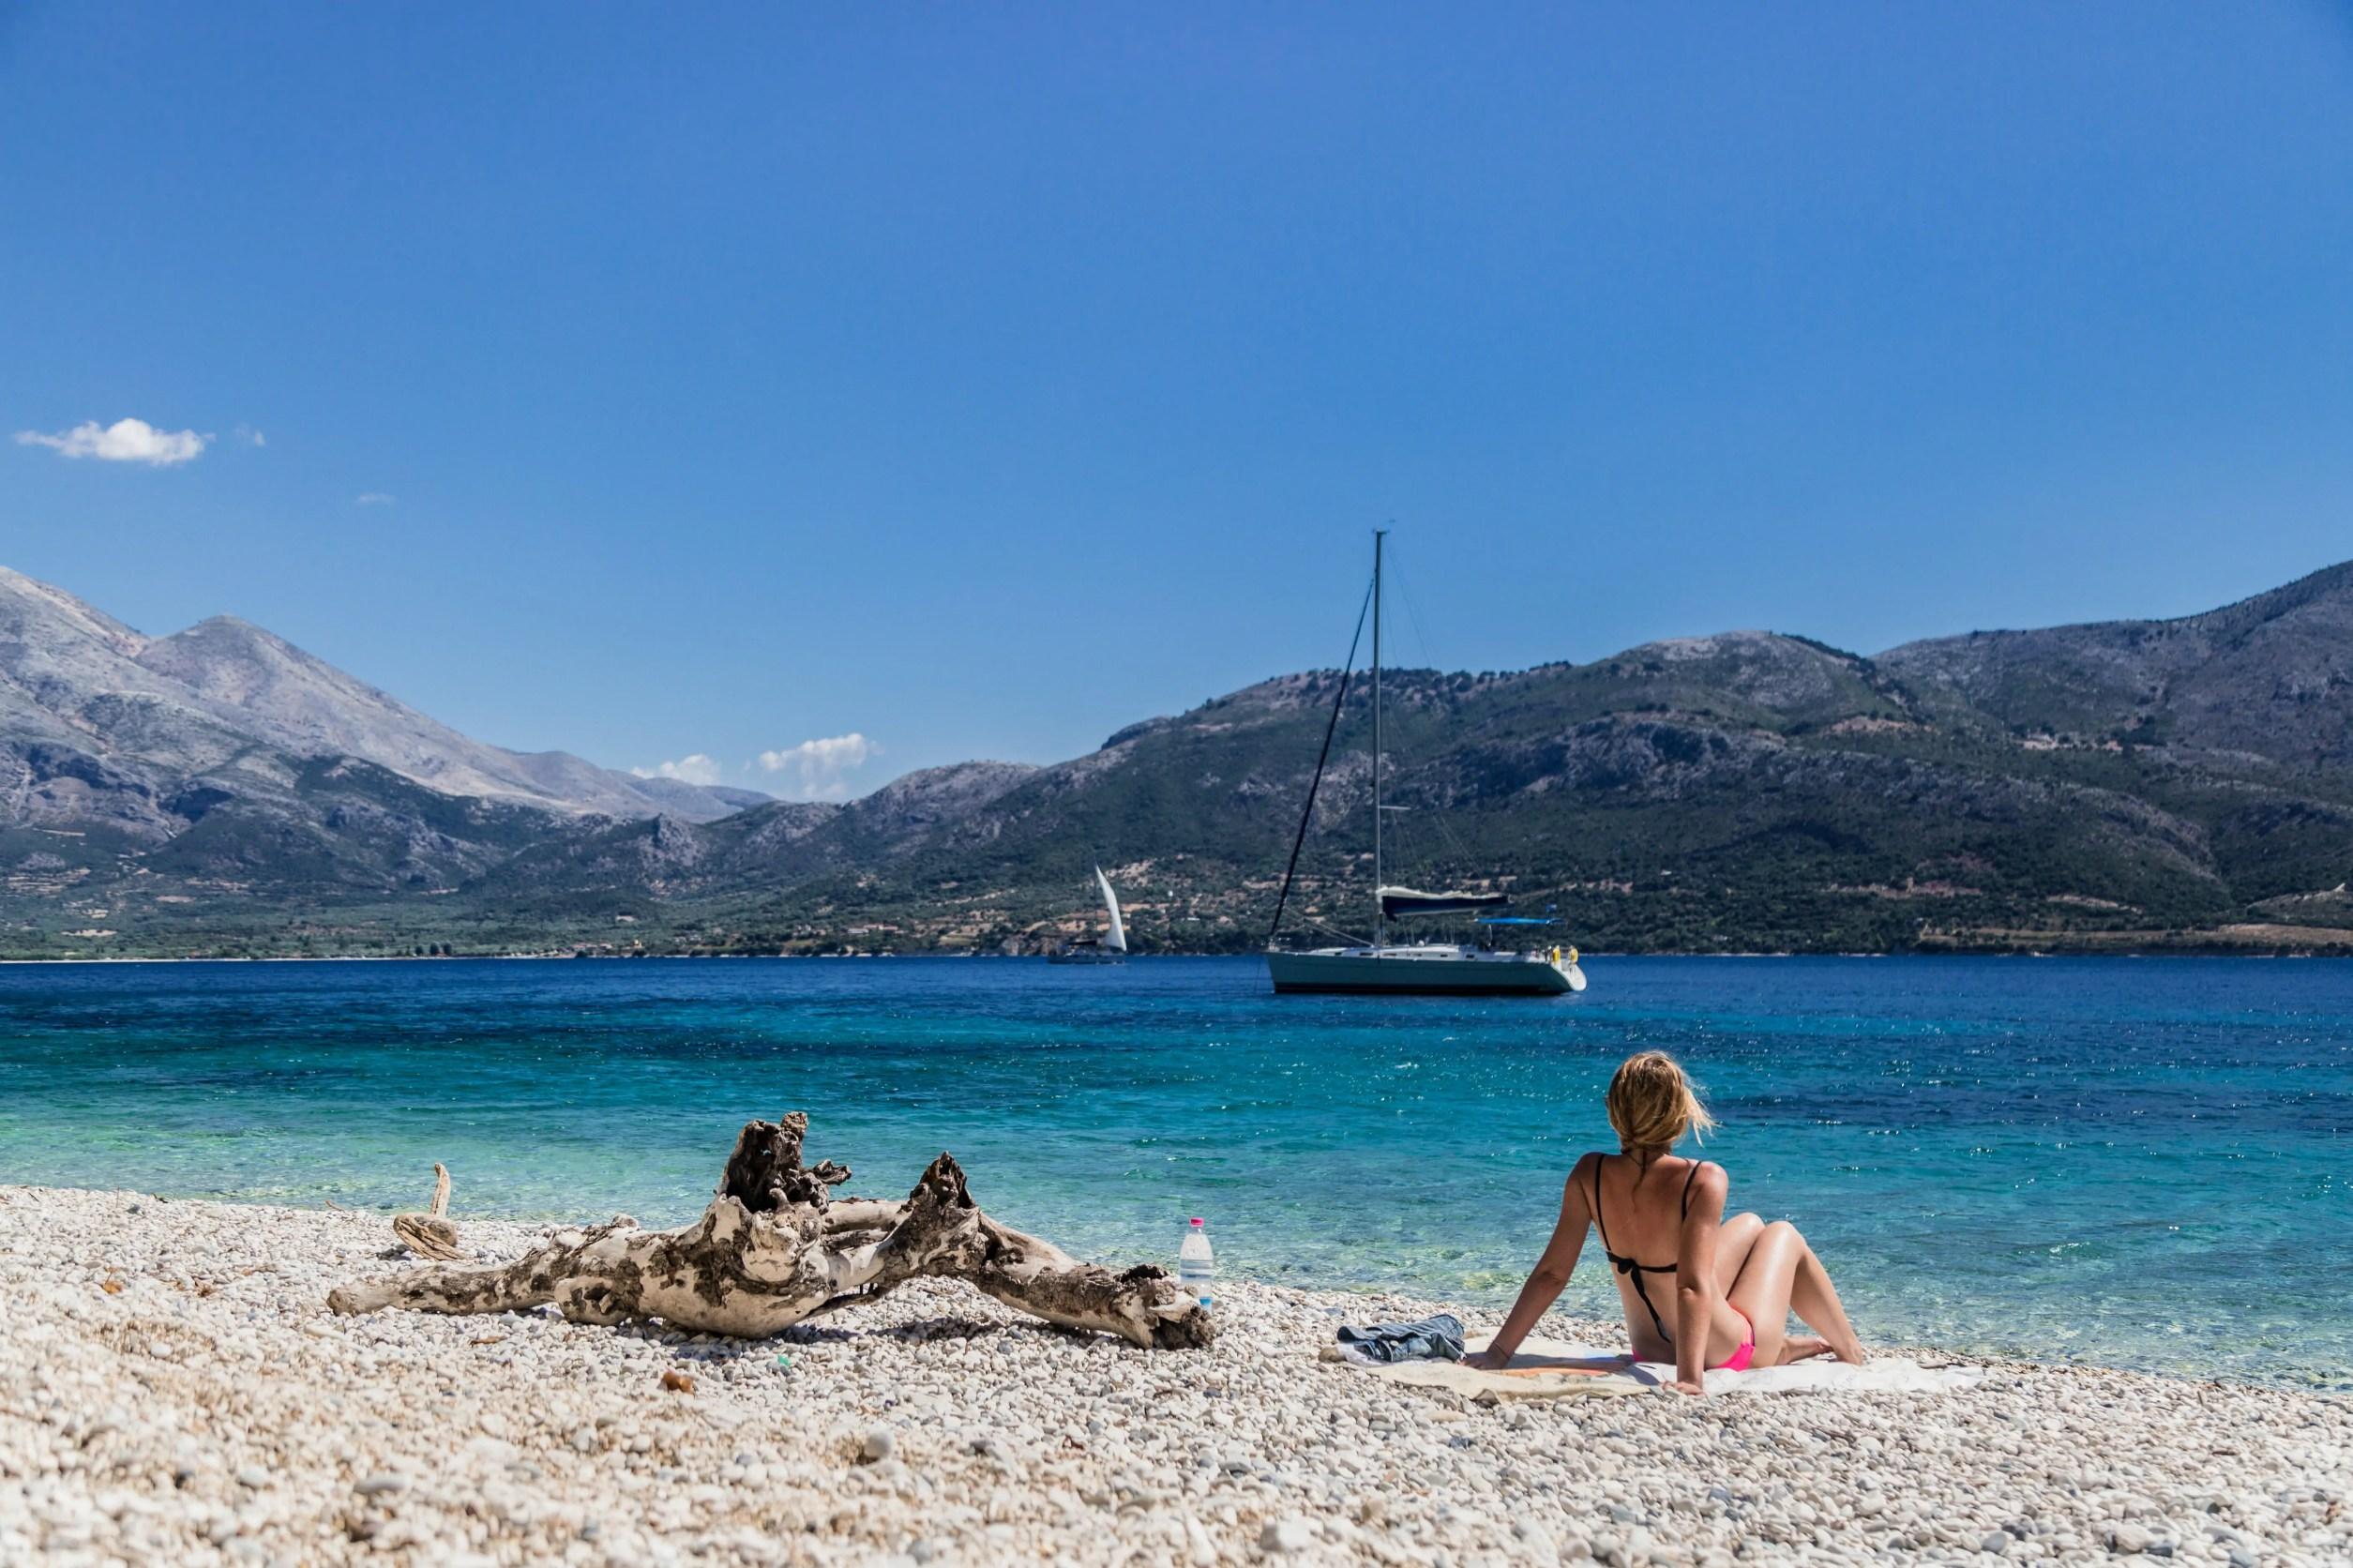 APZmedia - stills from Antlos Betteronboard in Lefkadas, Greece